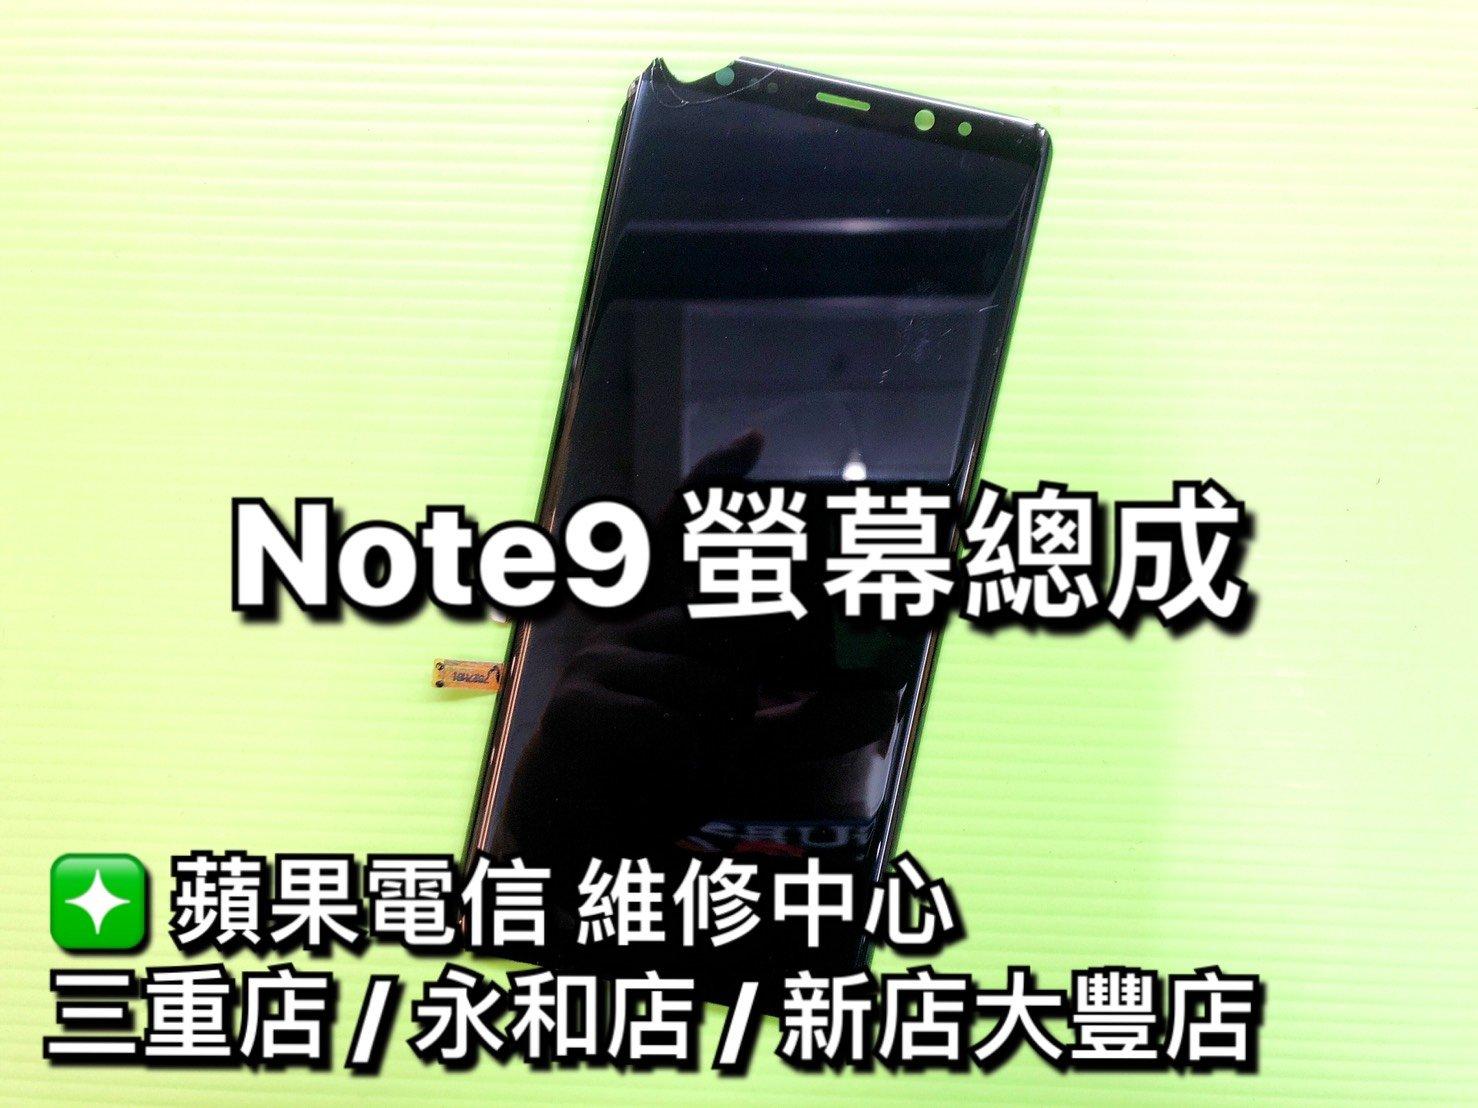 三重/永和【專業維修】三星 Note9 液晶螢幕總成 觸控面板破裂 玻璃 LCD維修 綠屏維修